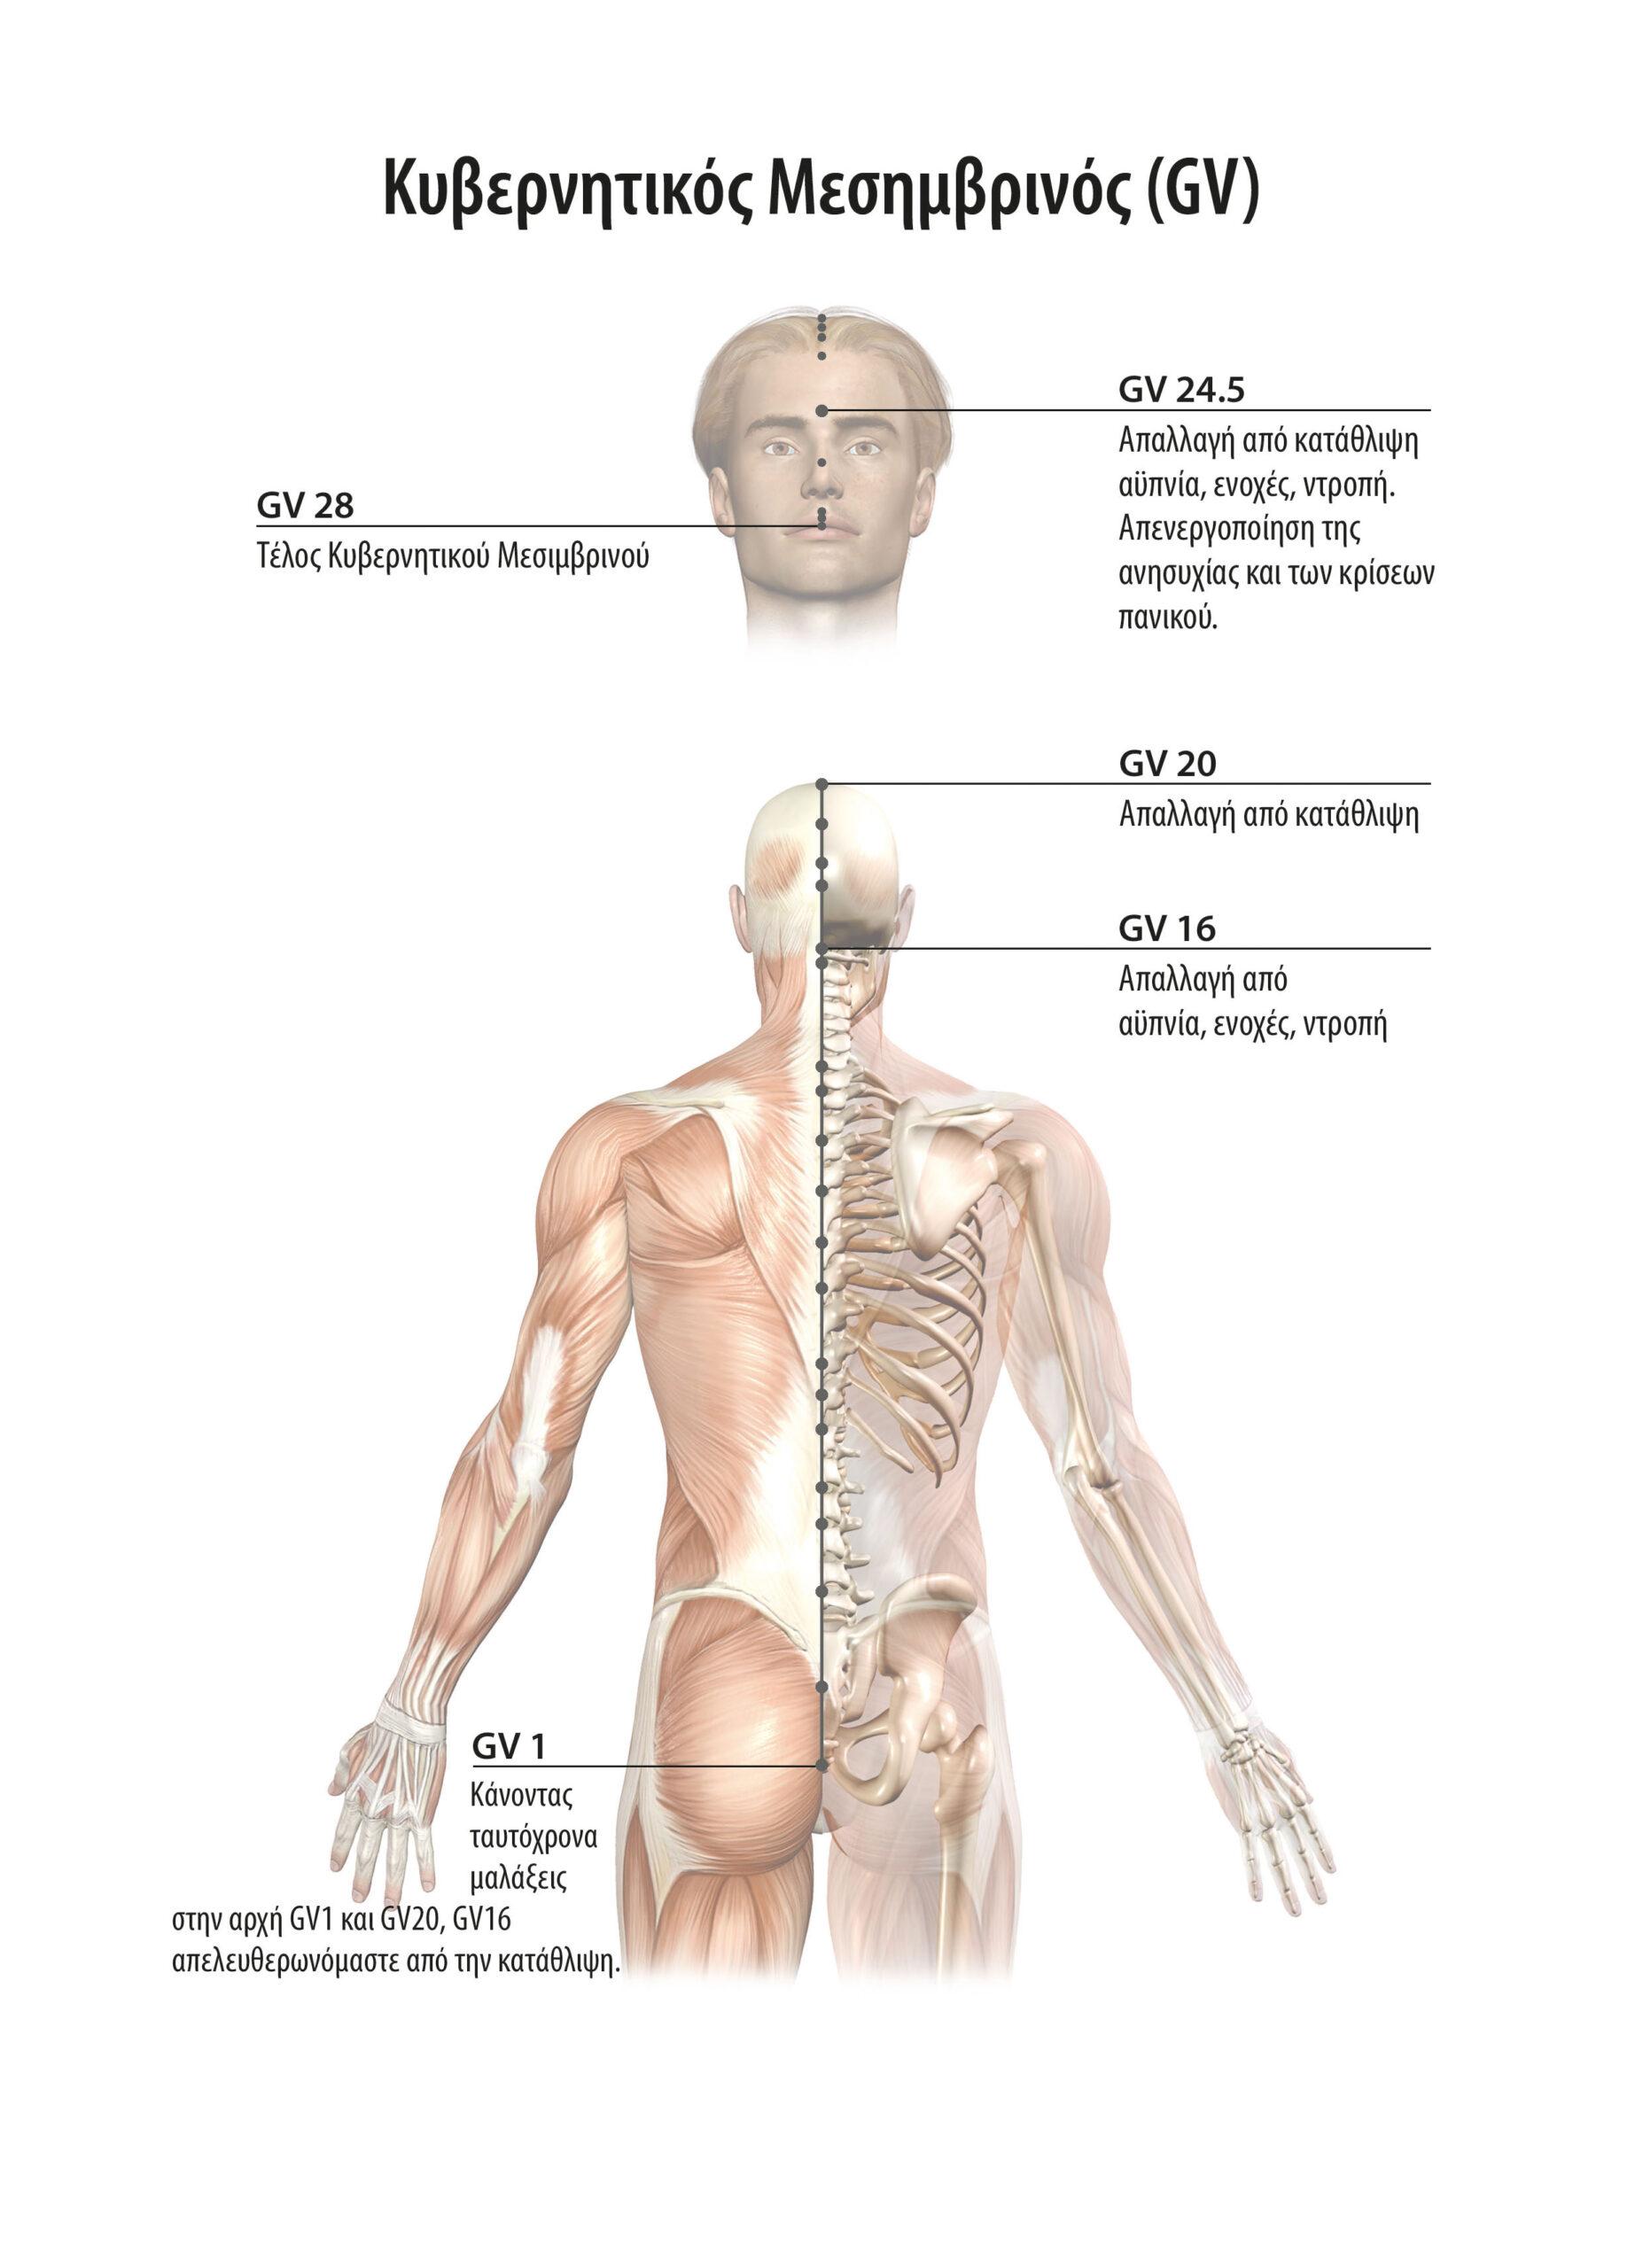 Αυτοθεραπεία από κήλες μεσοσπονδυλίου δίσκου, ακράτεια, κατάθλιψη και εμβοές στα αυτία ξεμπλοκάροντας τον μεσημβρινό της ουροδόχου κύστης, χολής, κυβερνητικό μεσημβρινό. 6